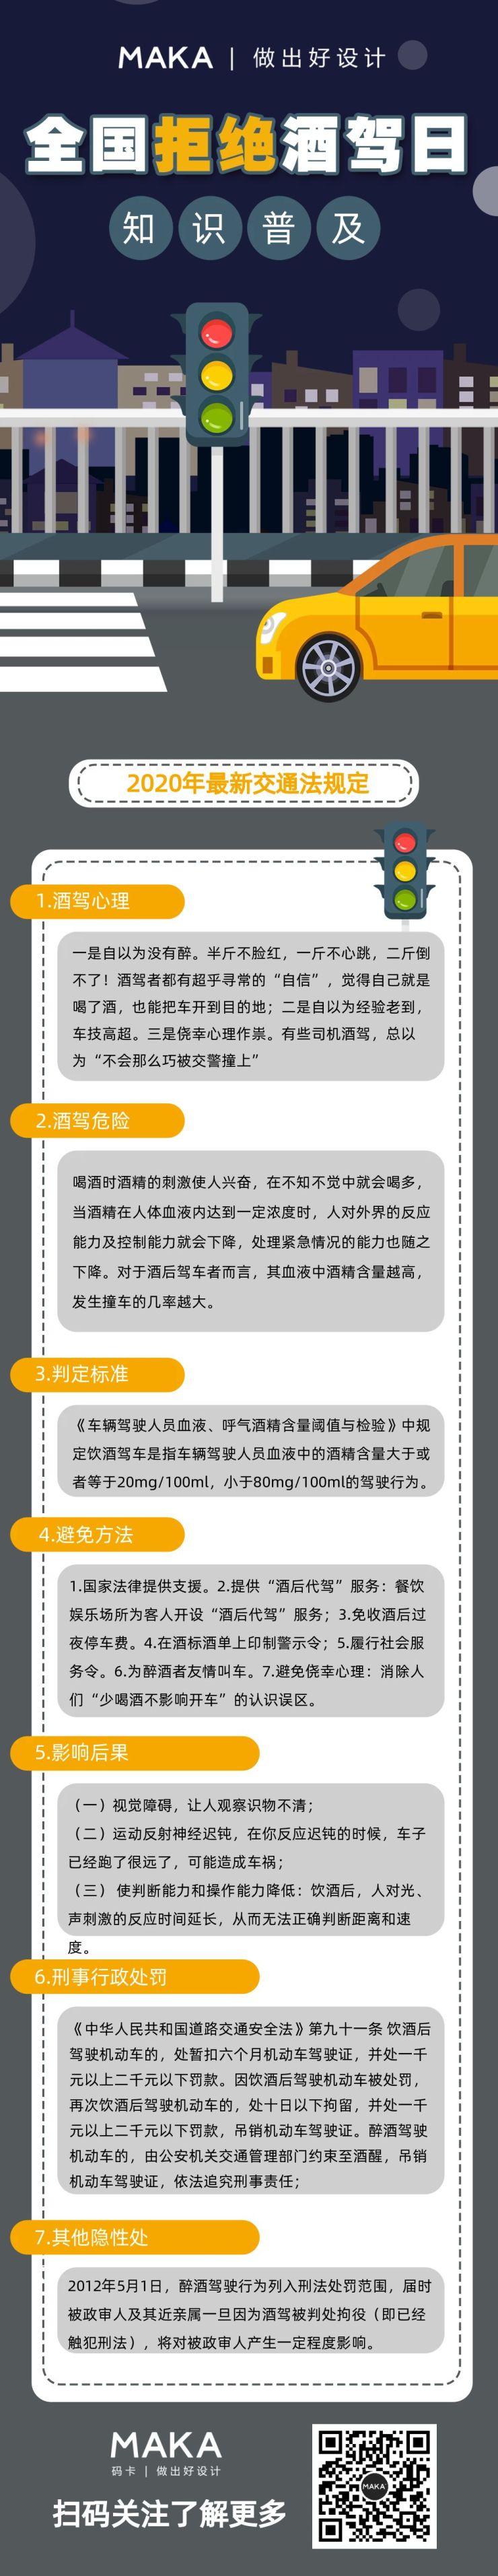 黑色扁平全国拒绝酒驾日预防科普公益宣传长图